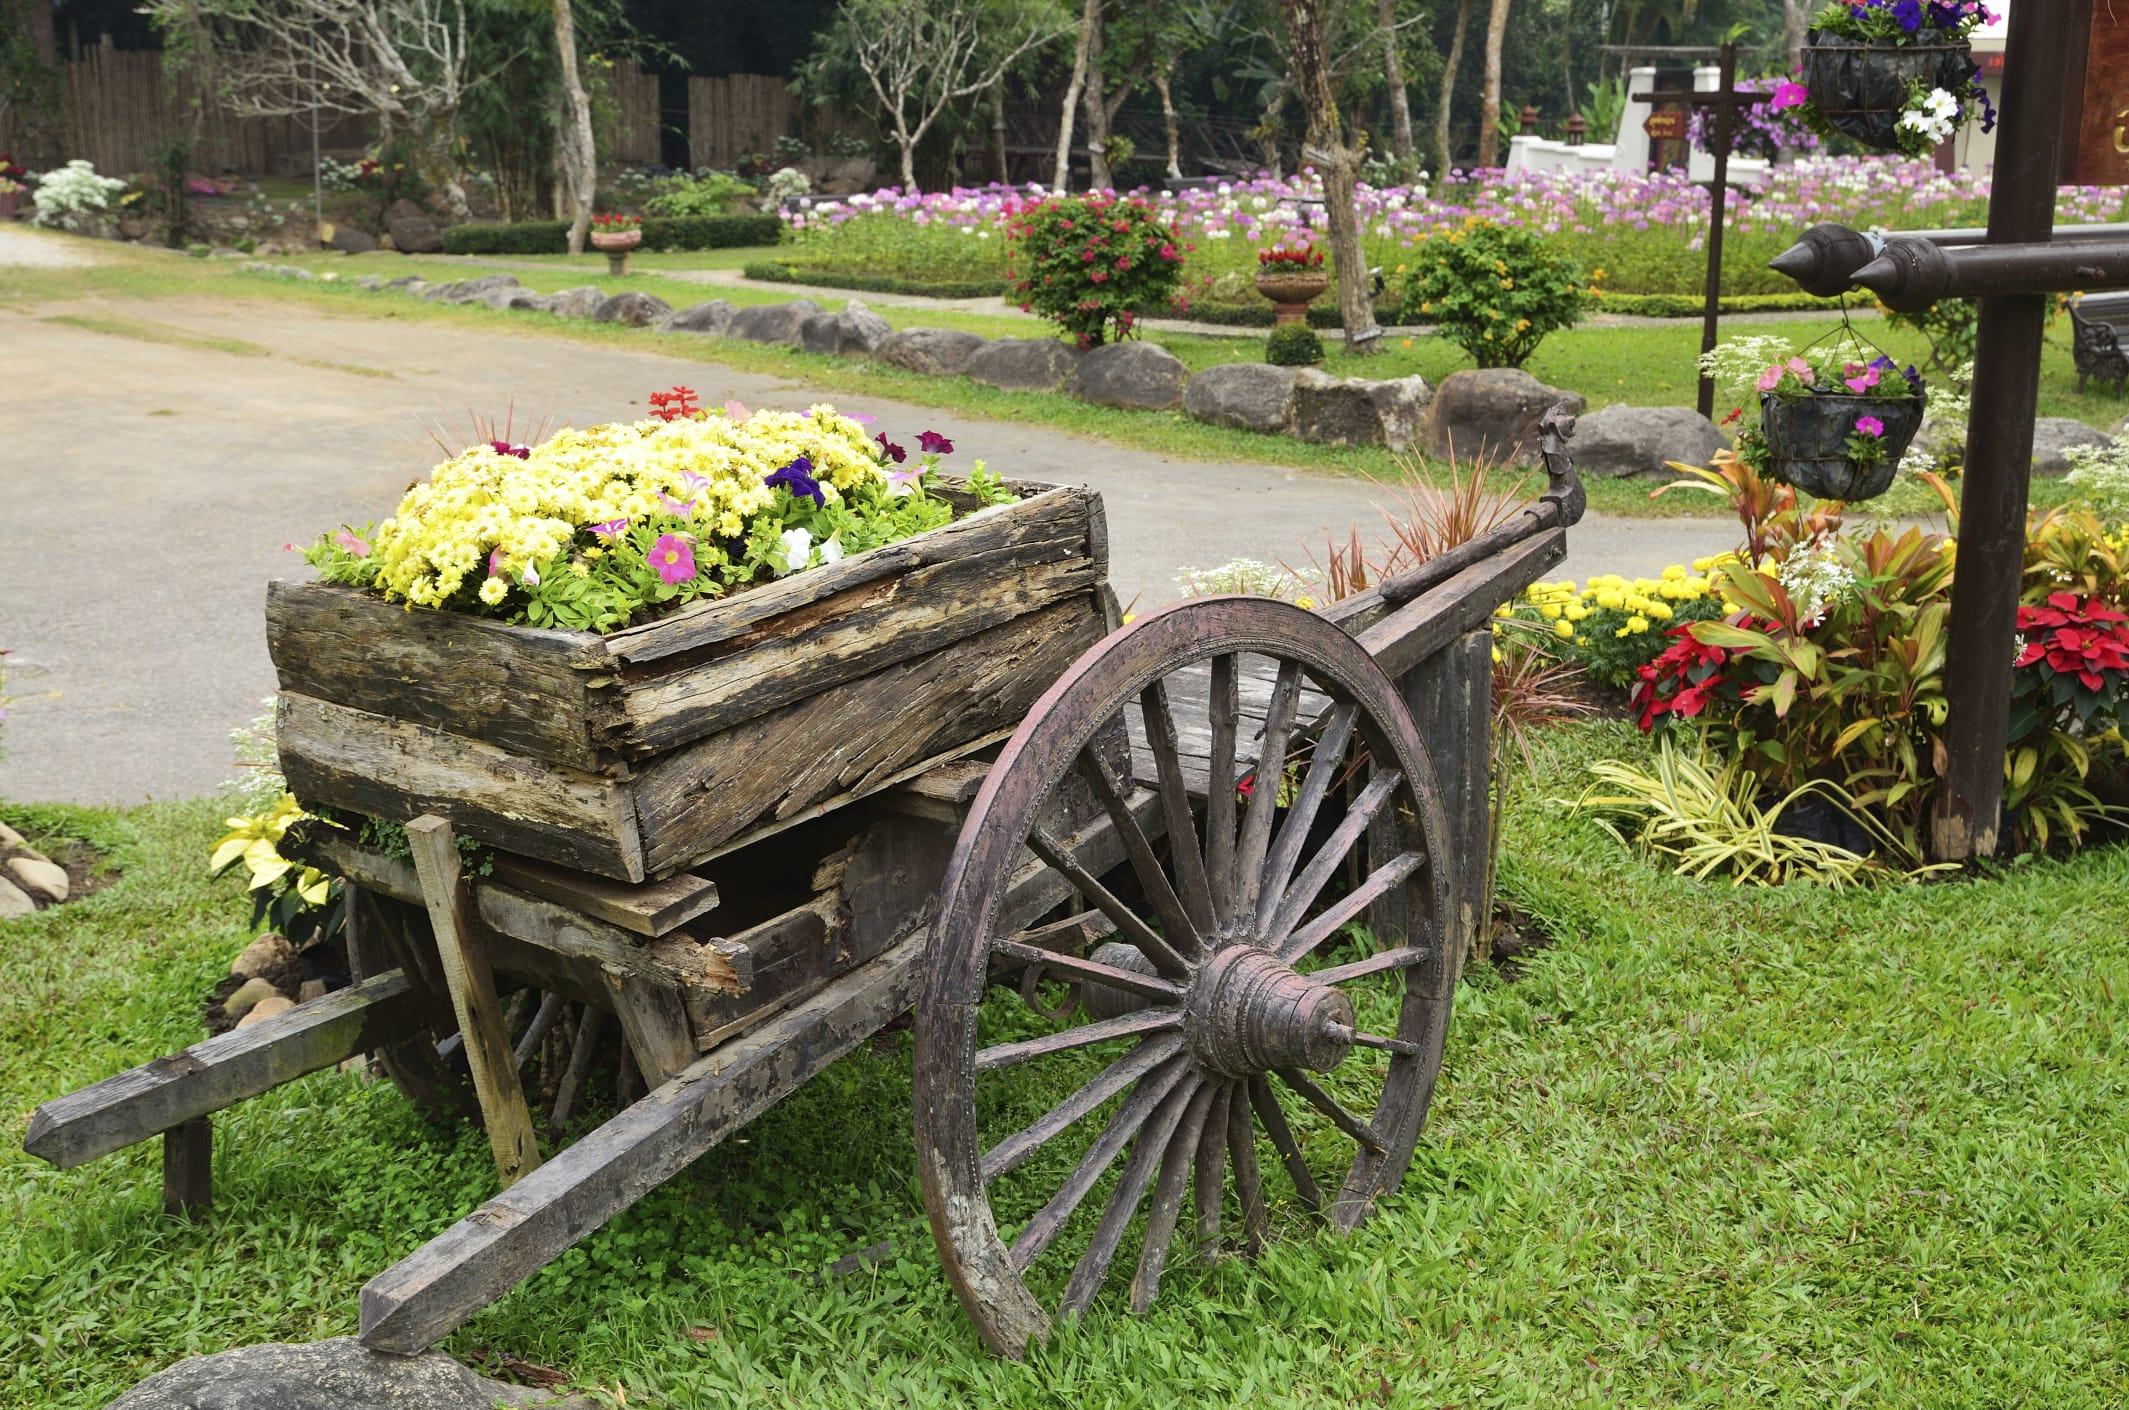 Piante Piccole Da Giardino giardino ecosostenibile e contro gli sprechi: 5 consigli